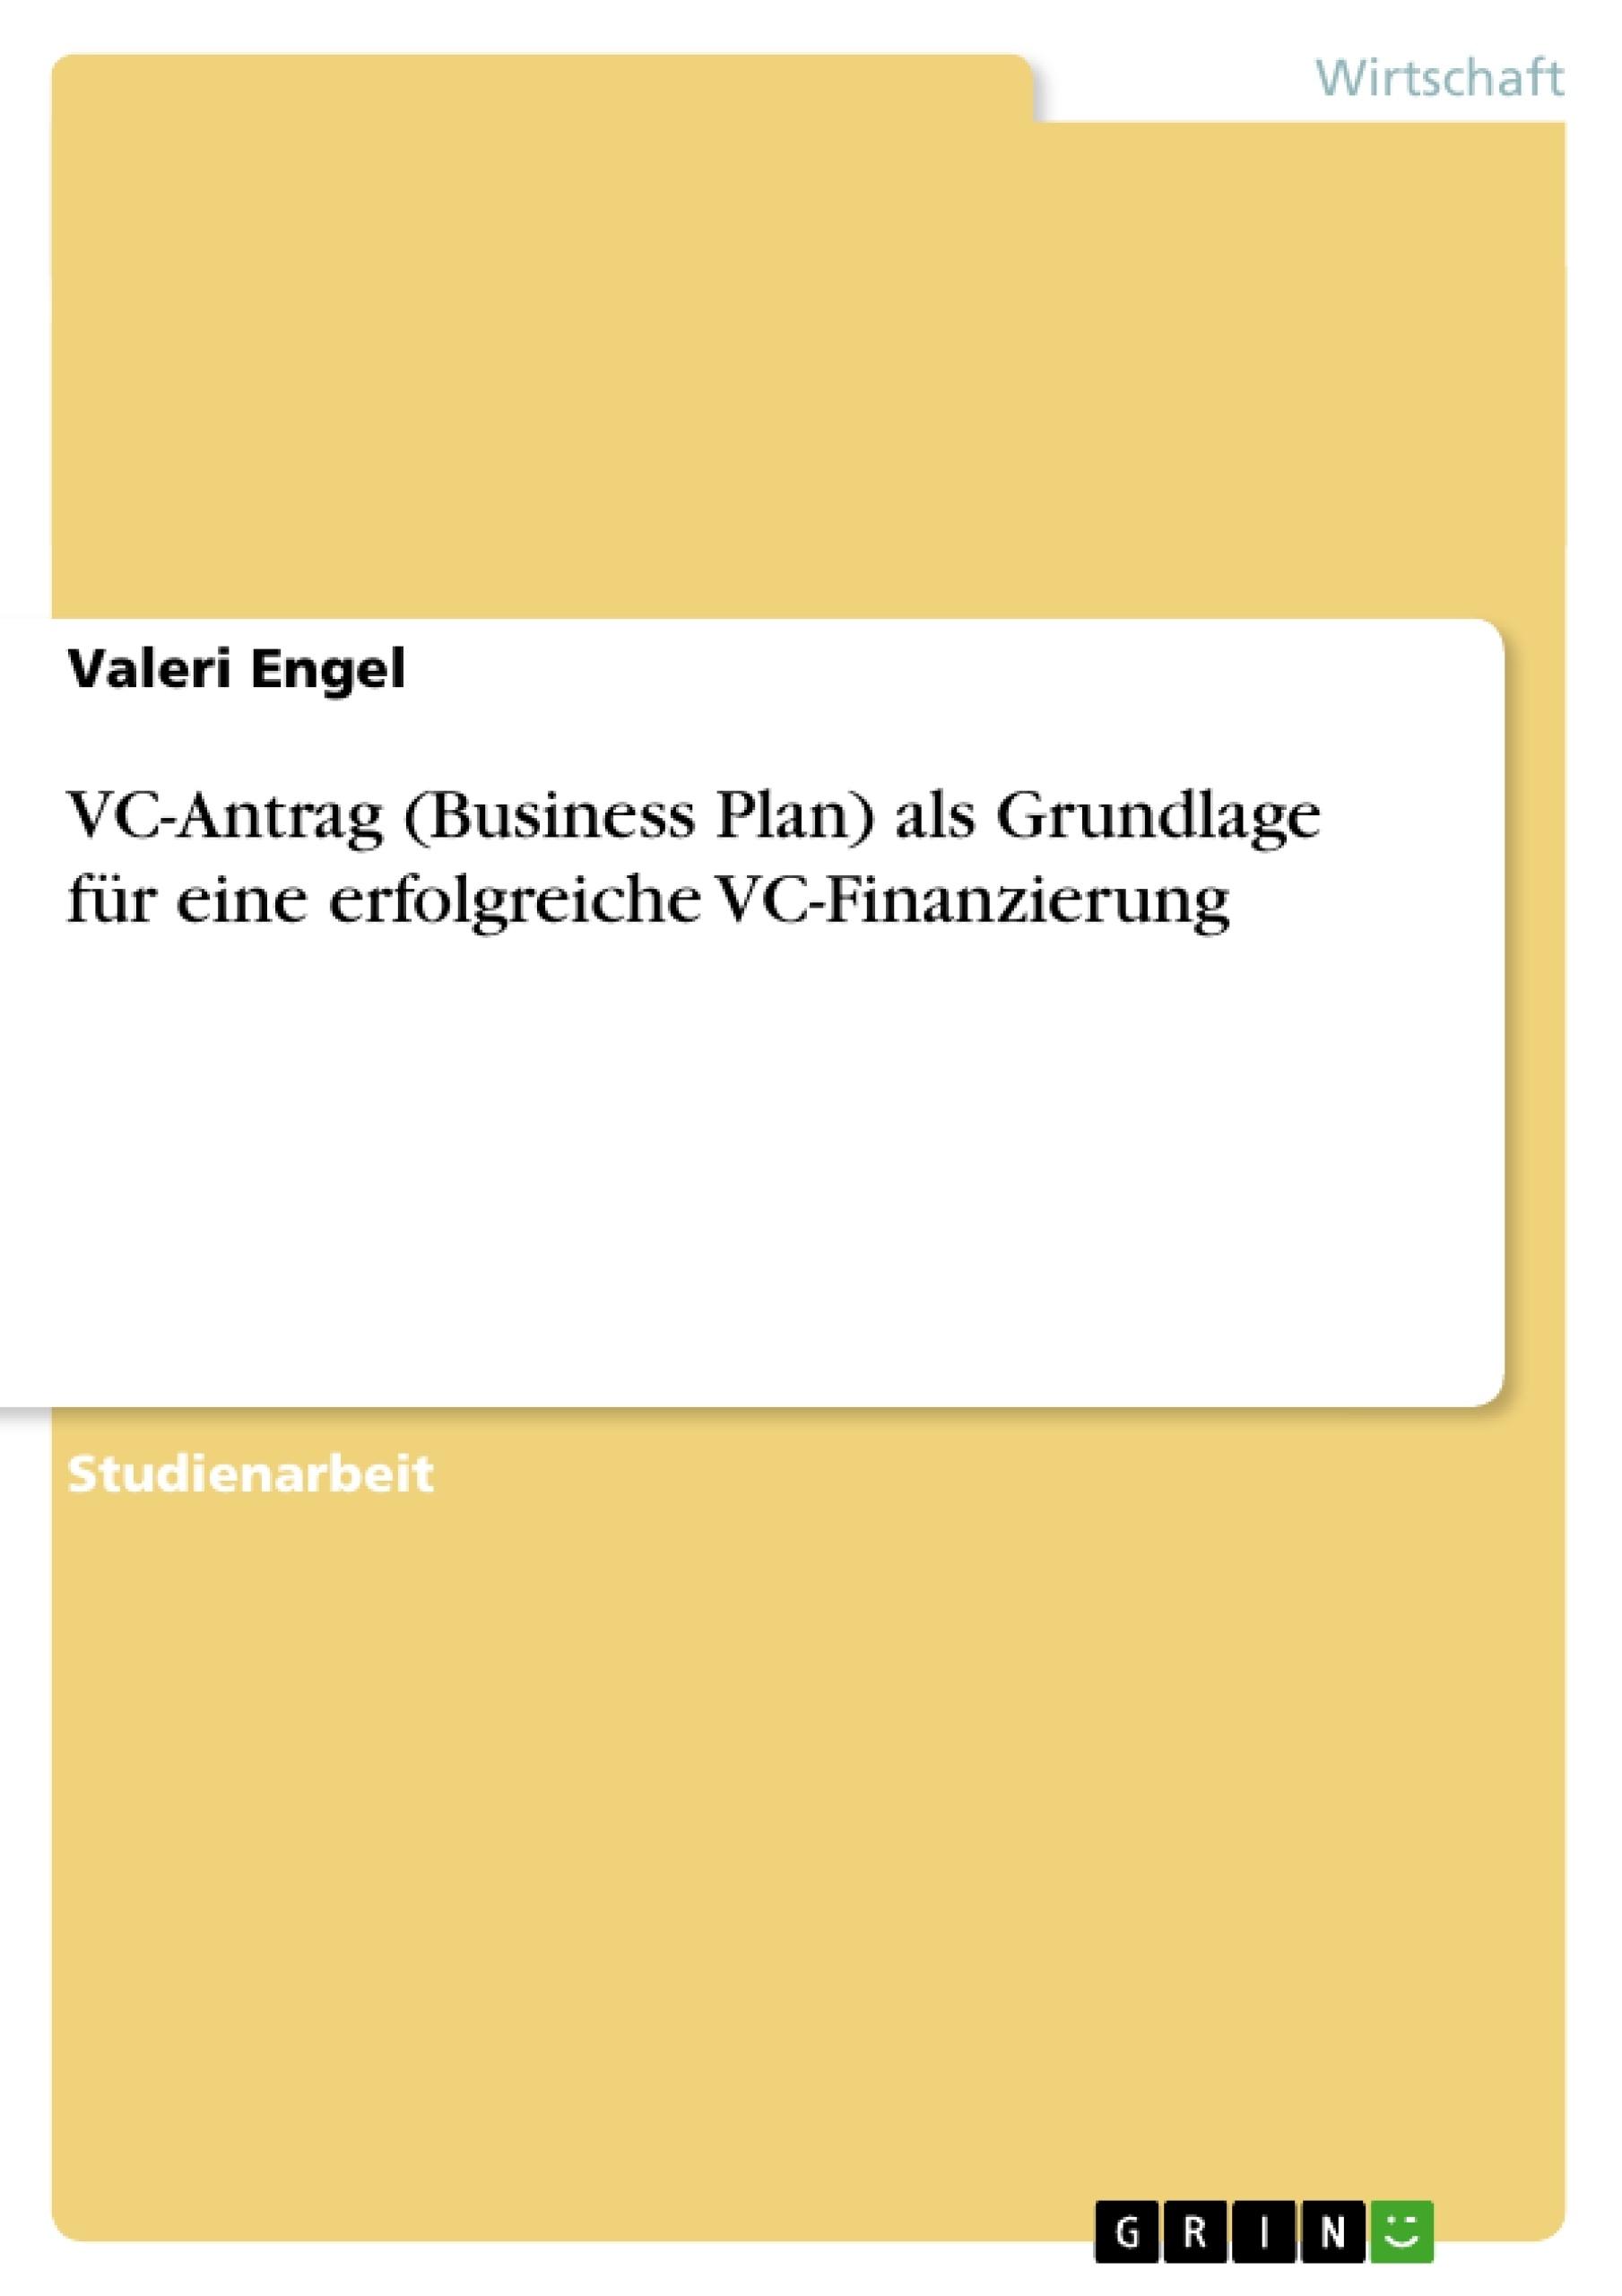 Titel: VC-Antrag (Business Plan) als Grundlage für eine erfolgreiche VC-Finanzierung